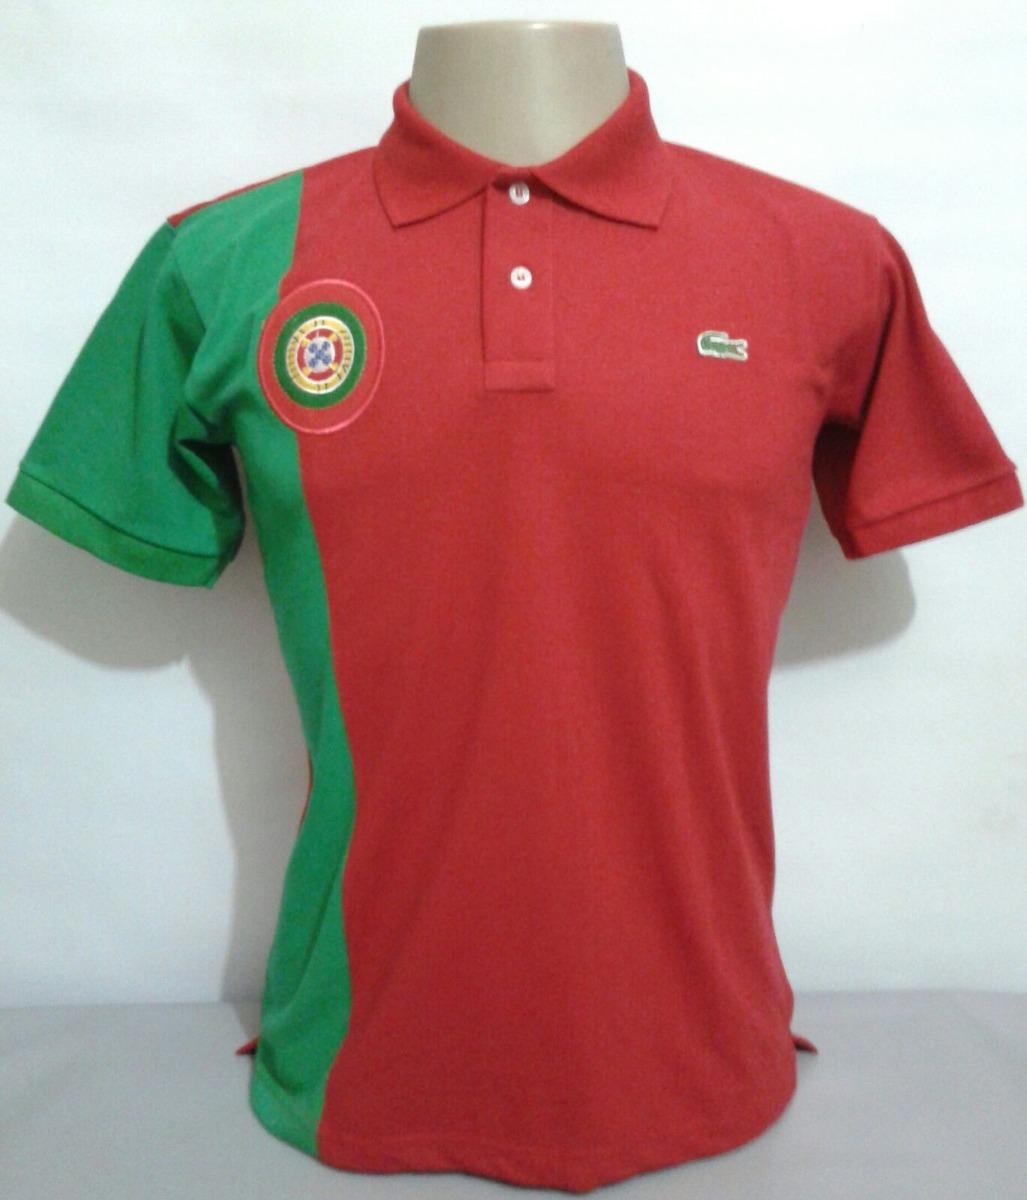 f31b97894c3 camisa polo lacoste país portugal com brasão bordado. Carregando zoom.